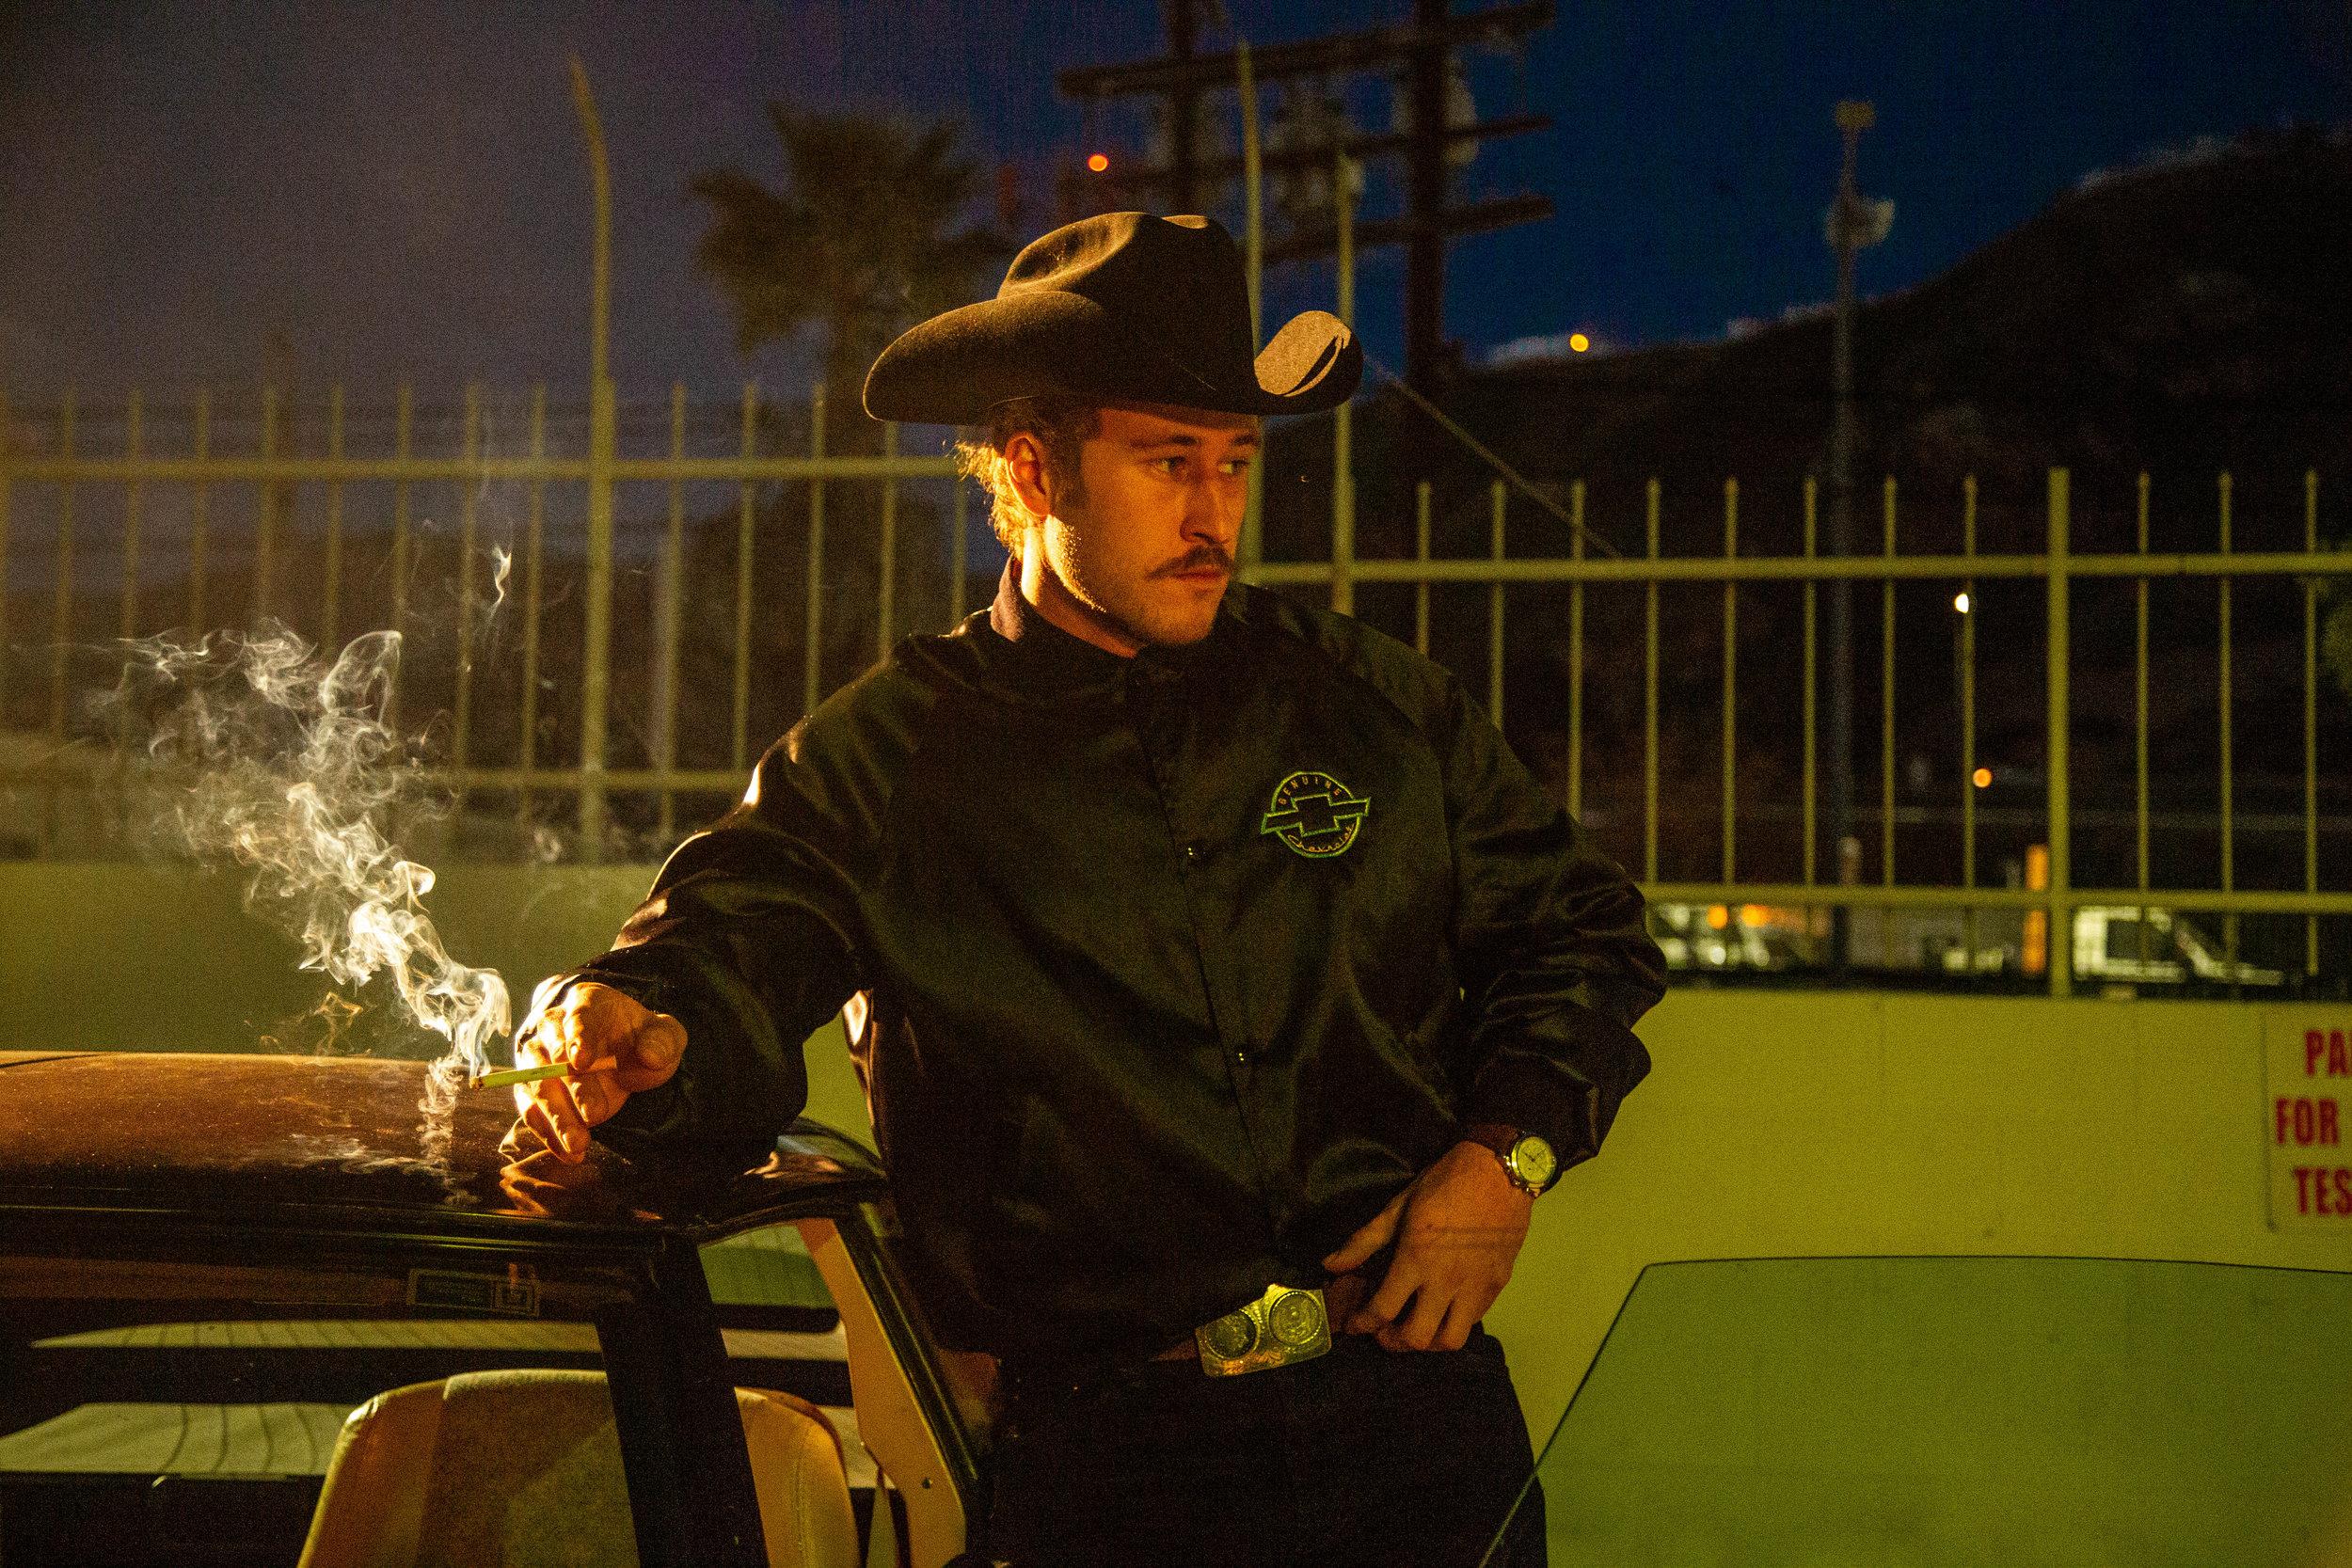 Corvette cowboy -